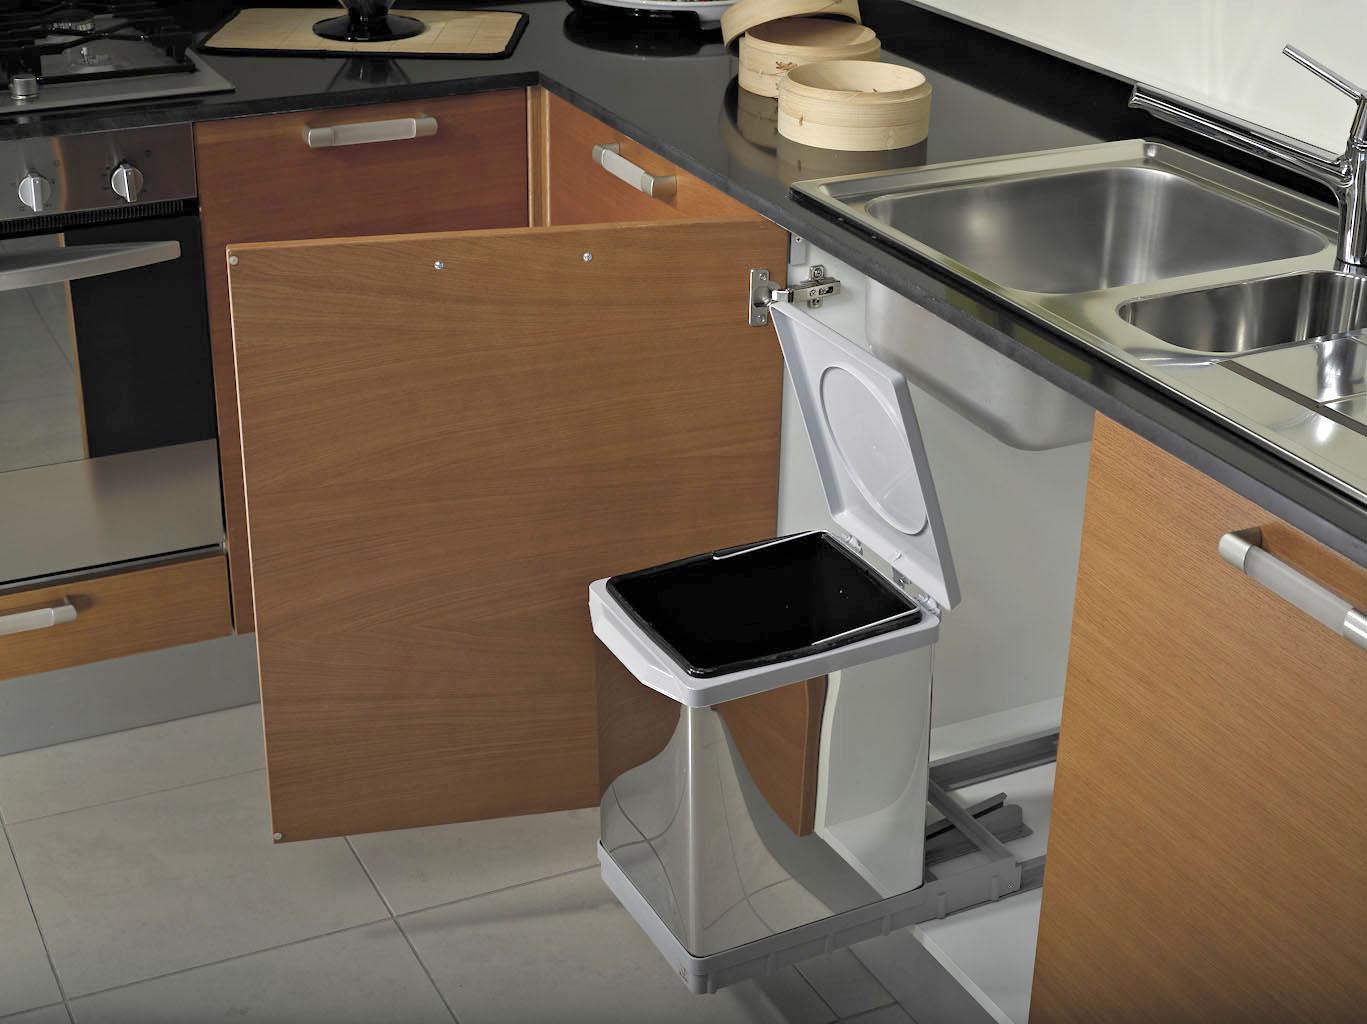 Pattumiera estraibile per base cucina ecologica alluminio for Pattumiere per cucina